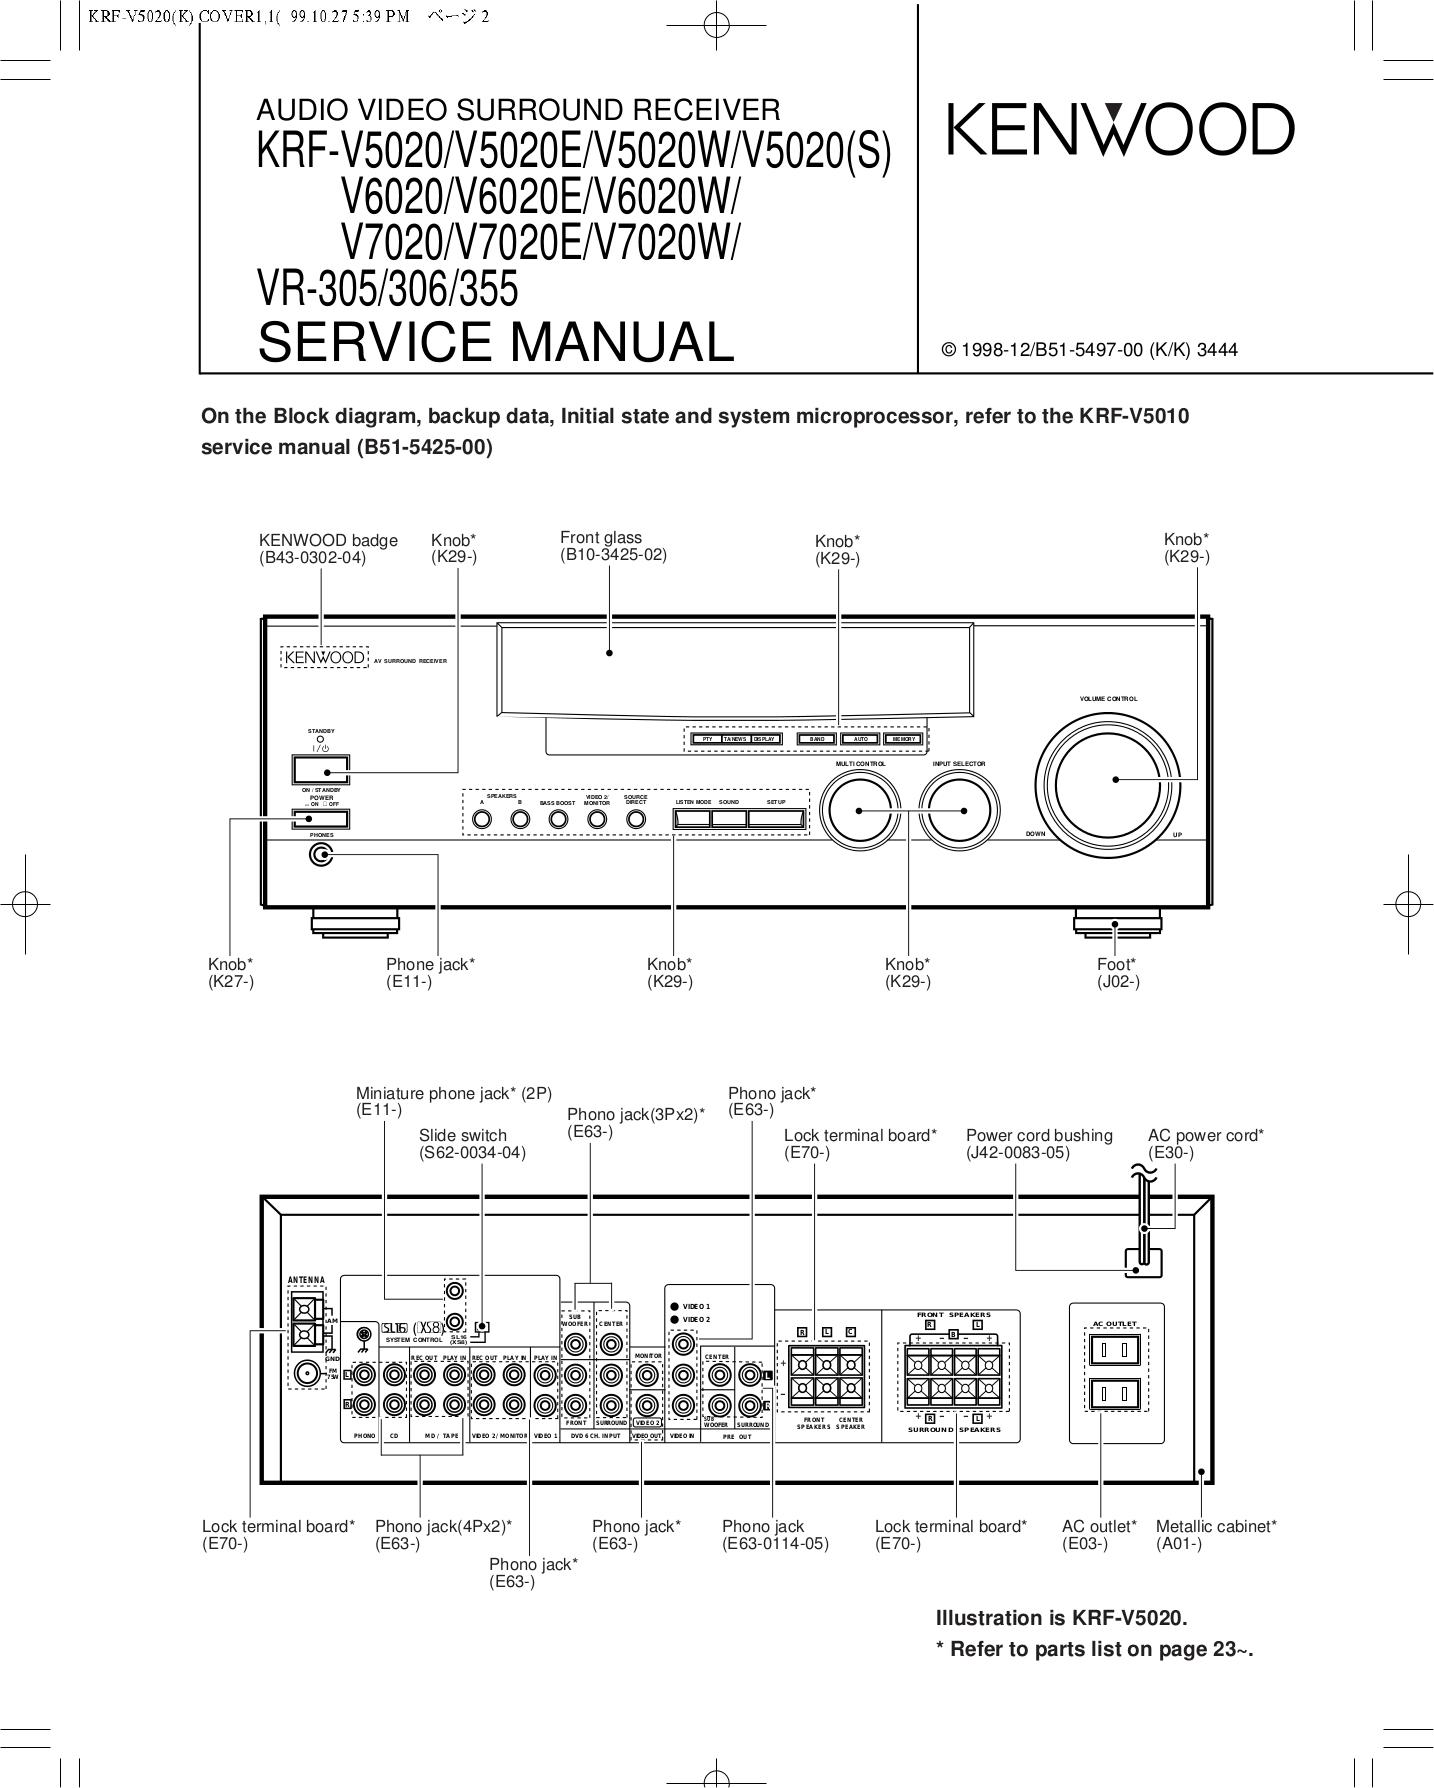 Kenwood KRF V5020 manual Source · for Kenwood Receiver VR 305 manual